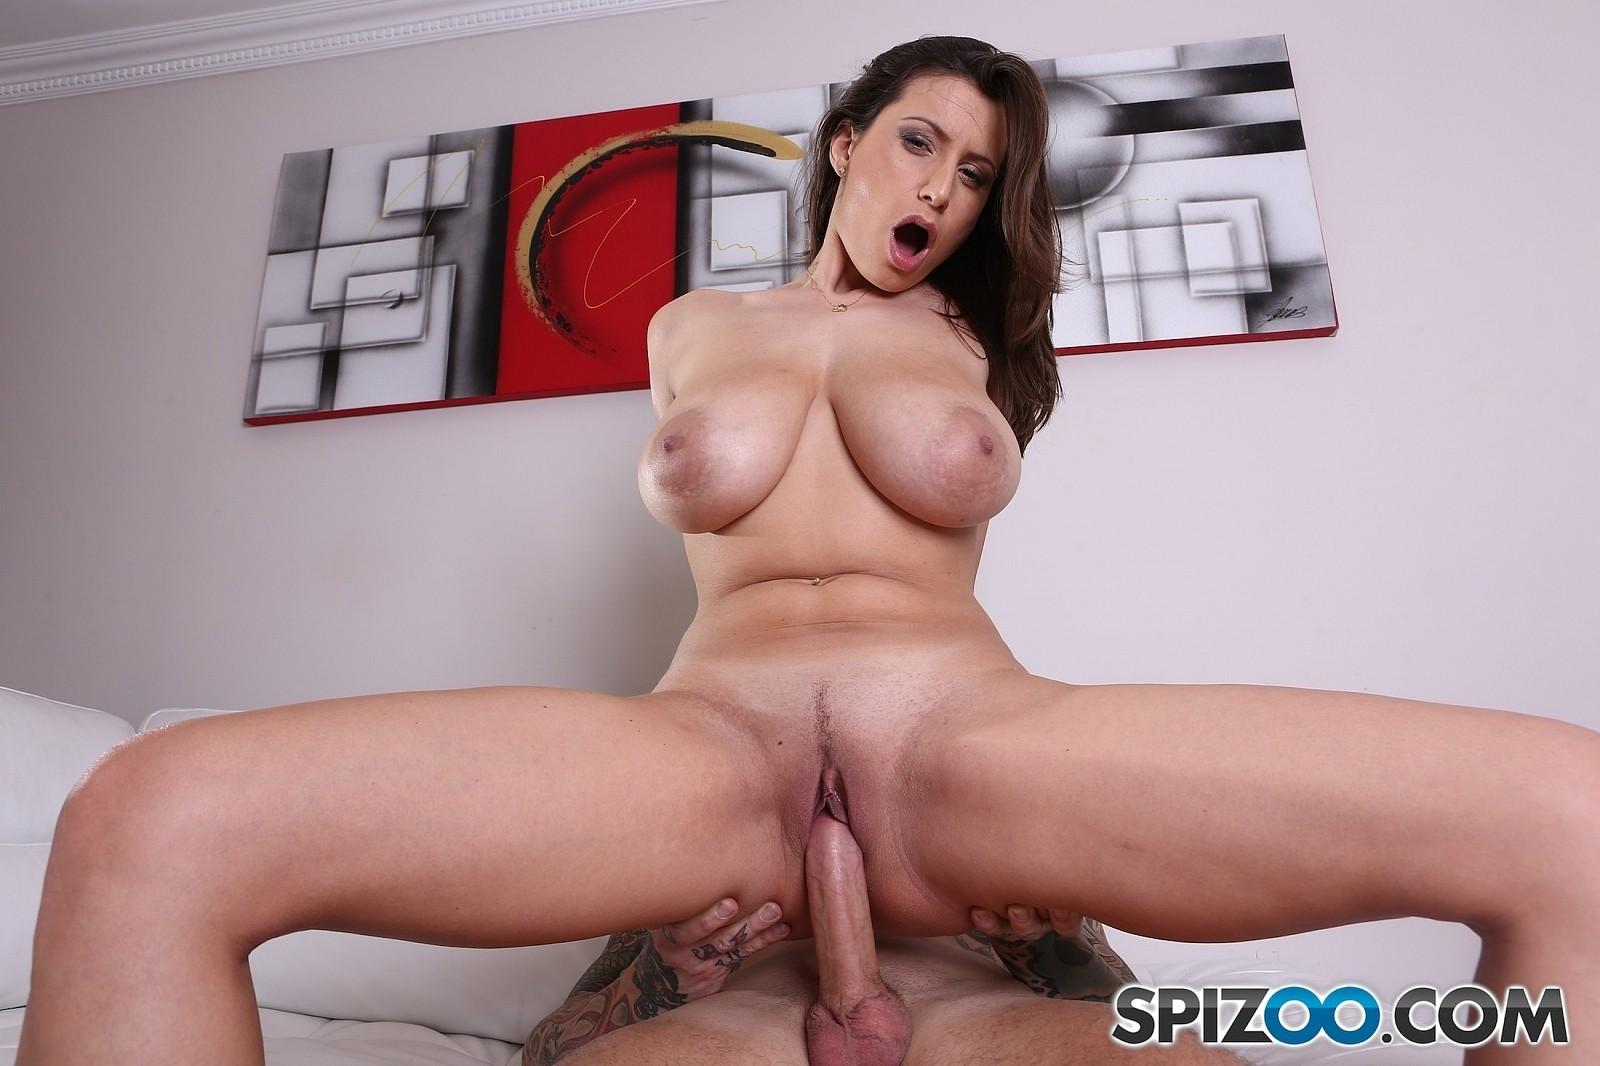 Sandra parker pornstar